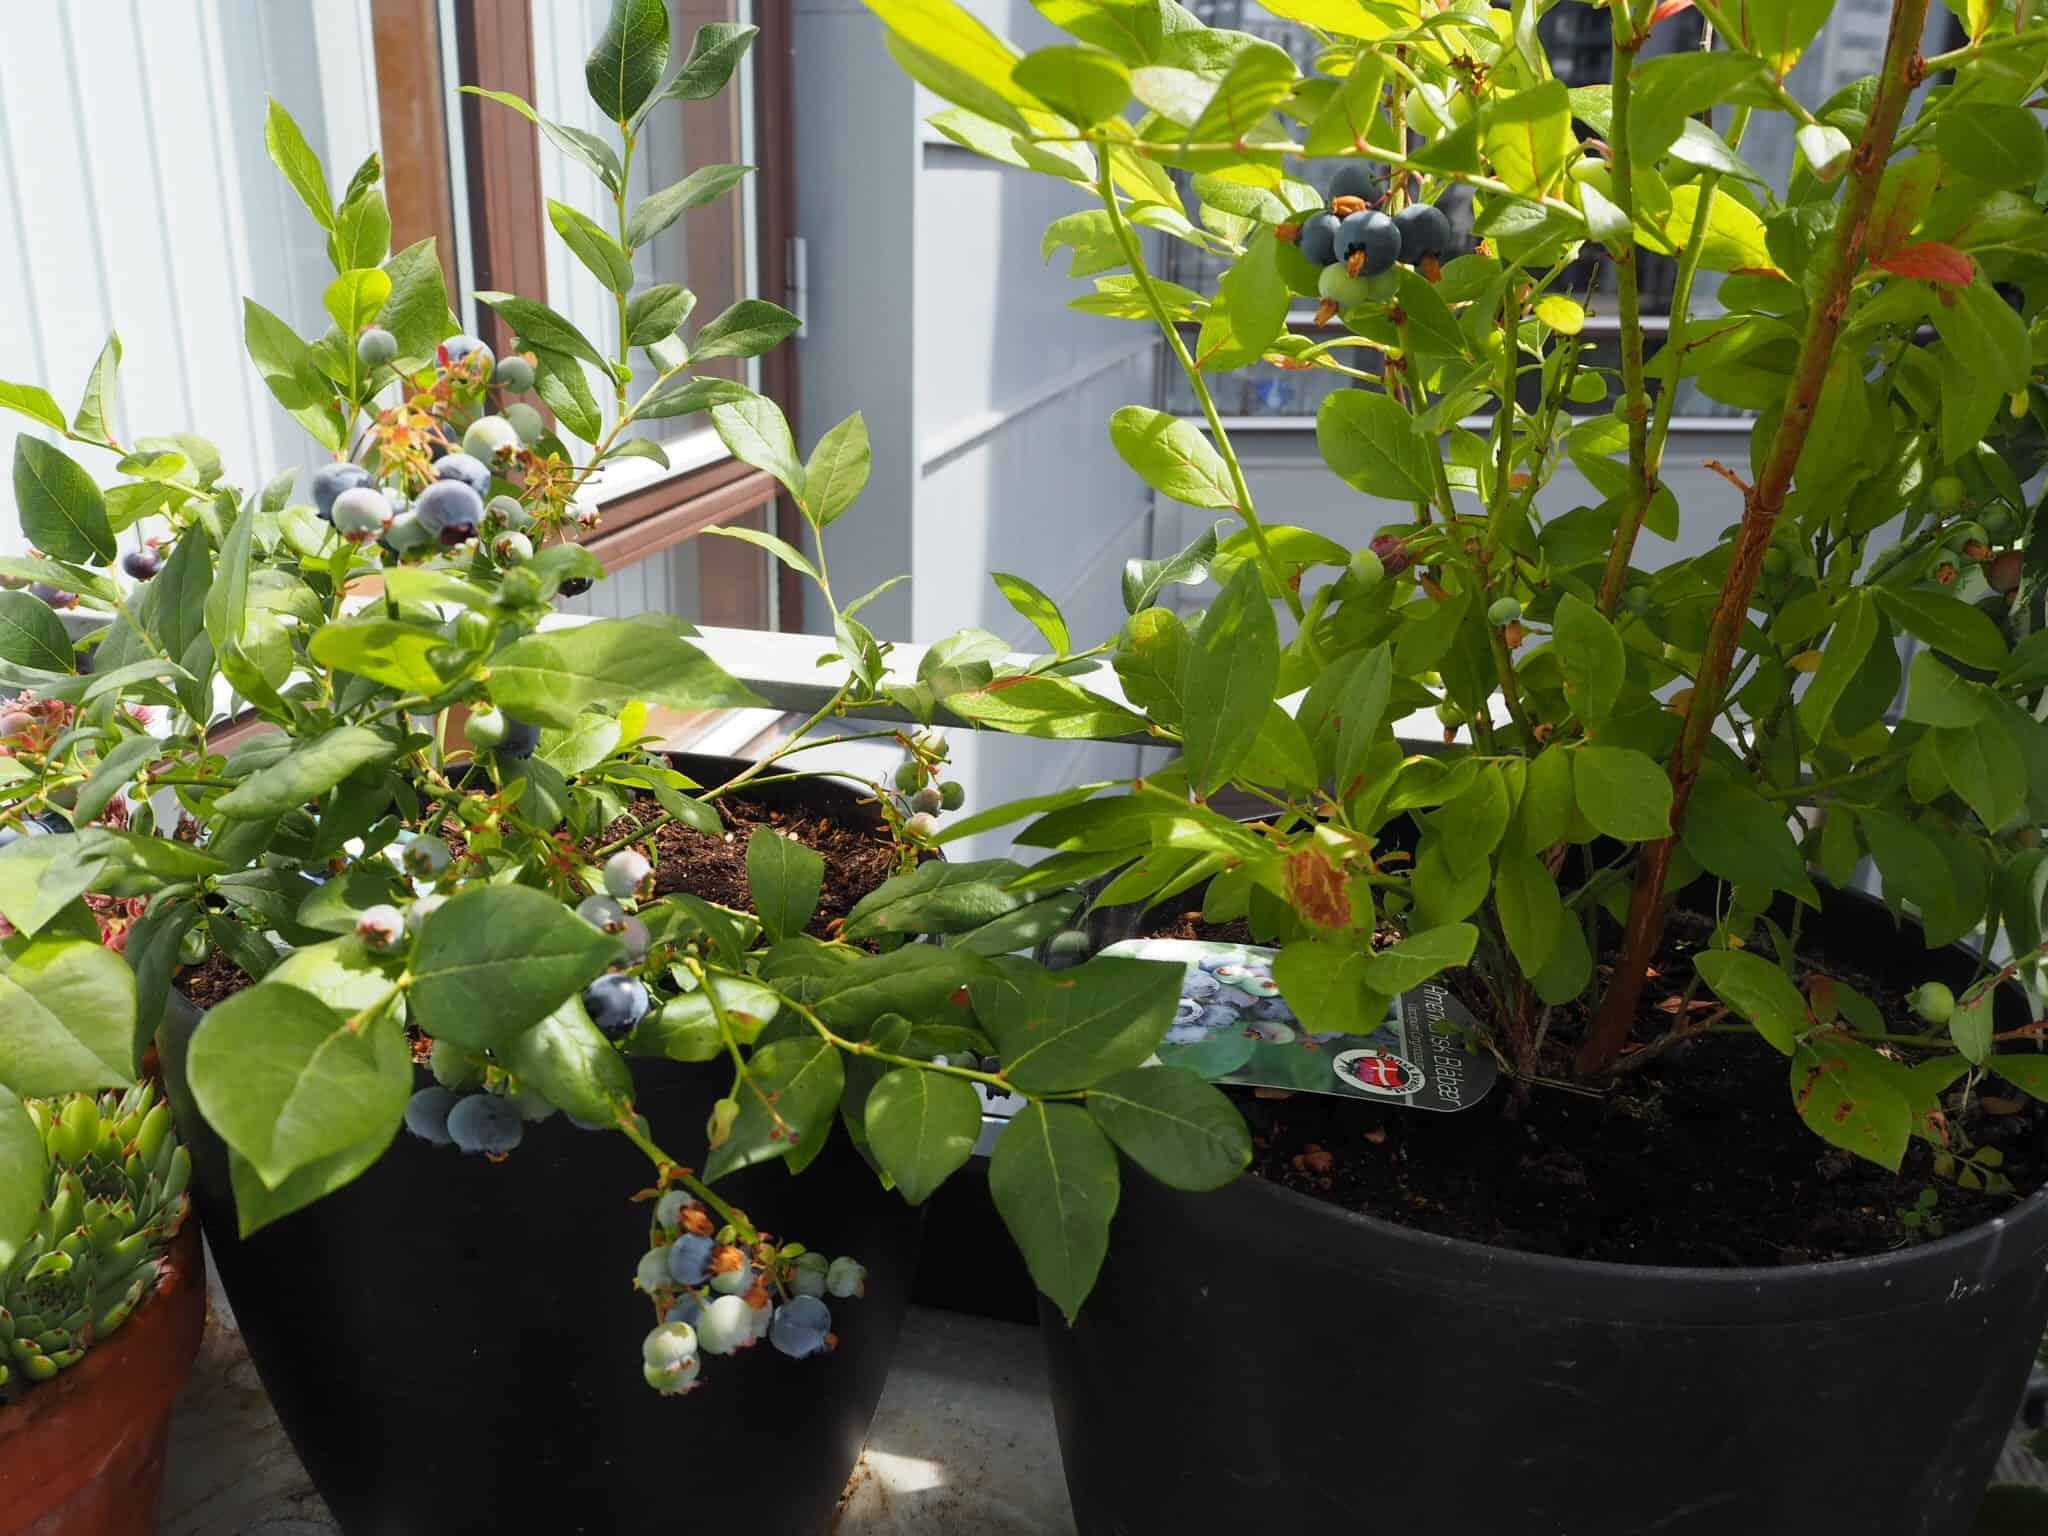 Vores 2 blåbær